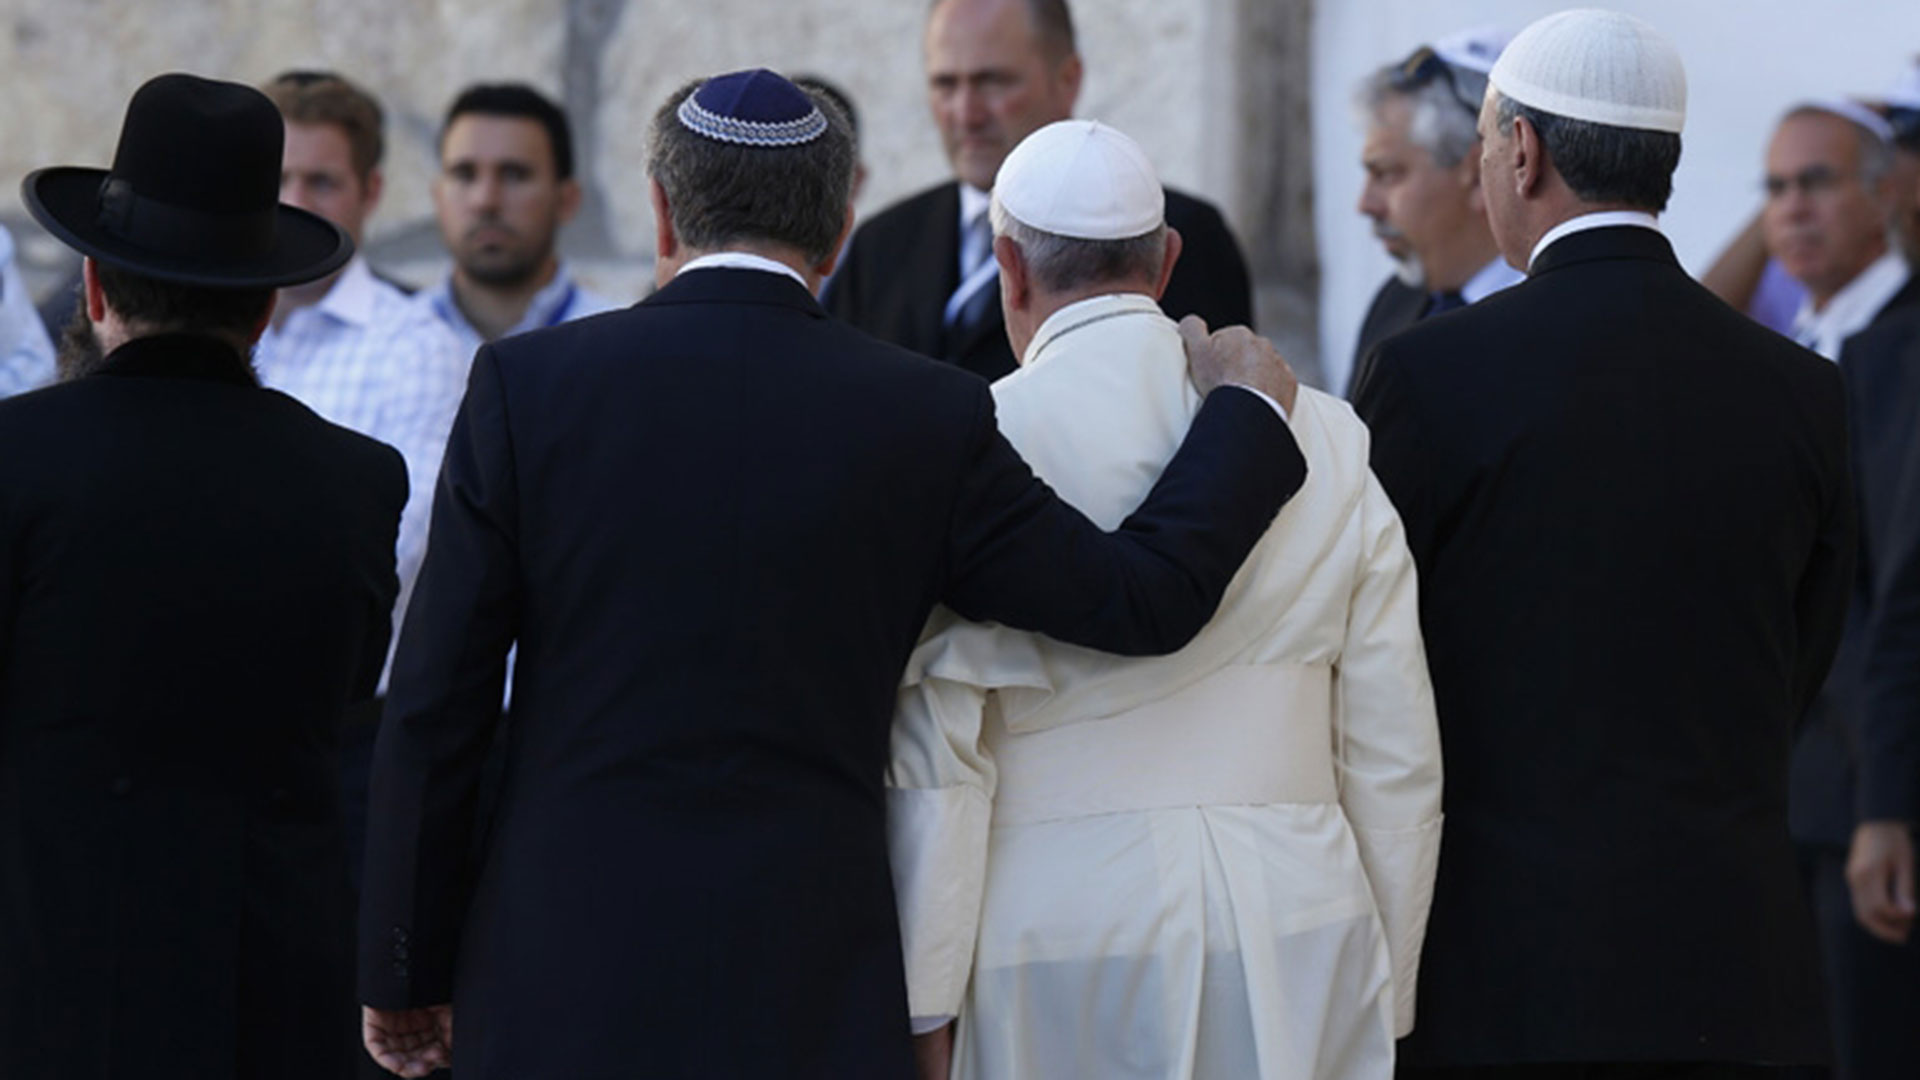 El papa Francisco (aquí, con el rabino Abraham Skorka) y el diálogo interreligioso: uno de los temas del Seminario